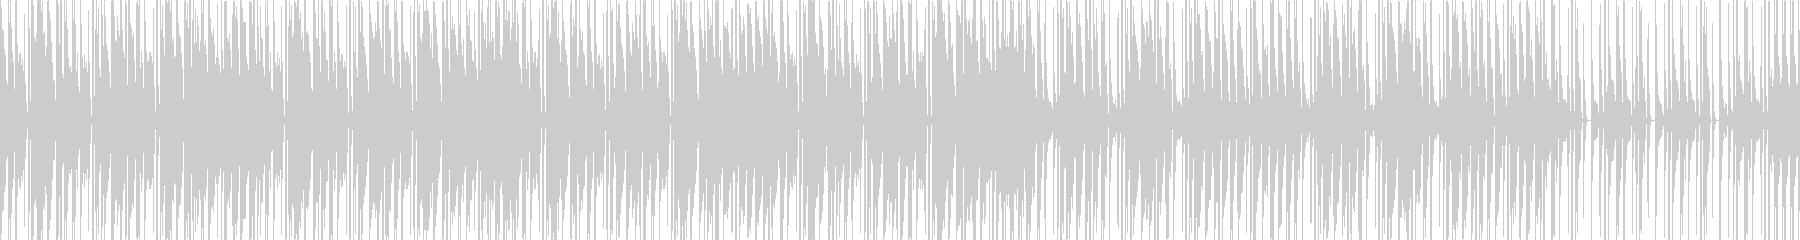 ローファイHIPHOP感のあるインストの未再生の波形